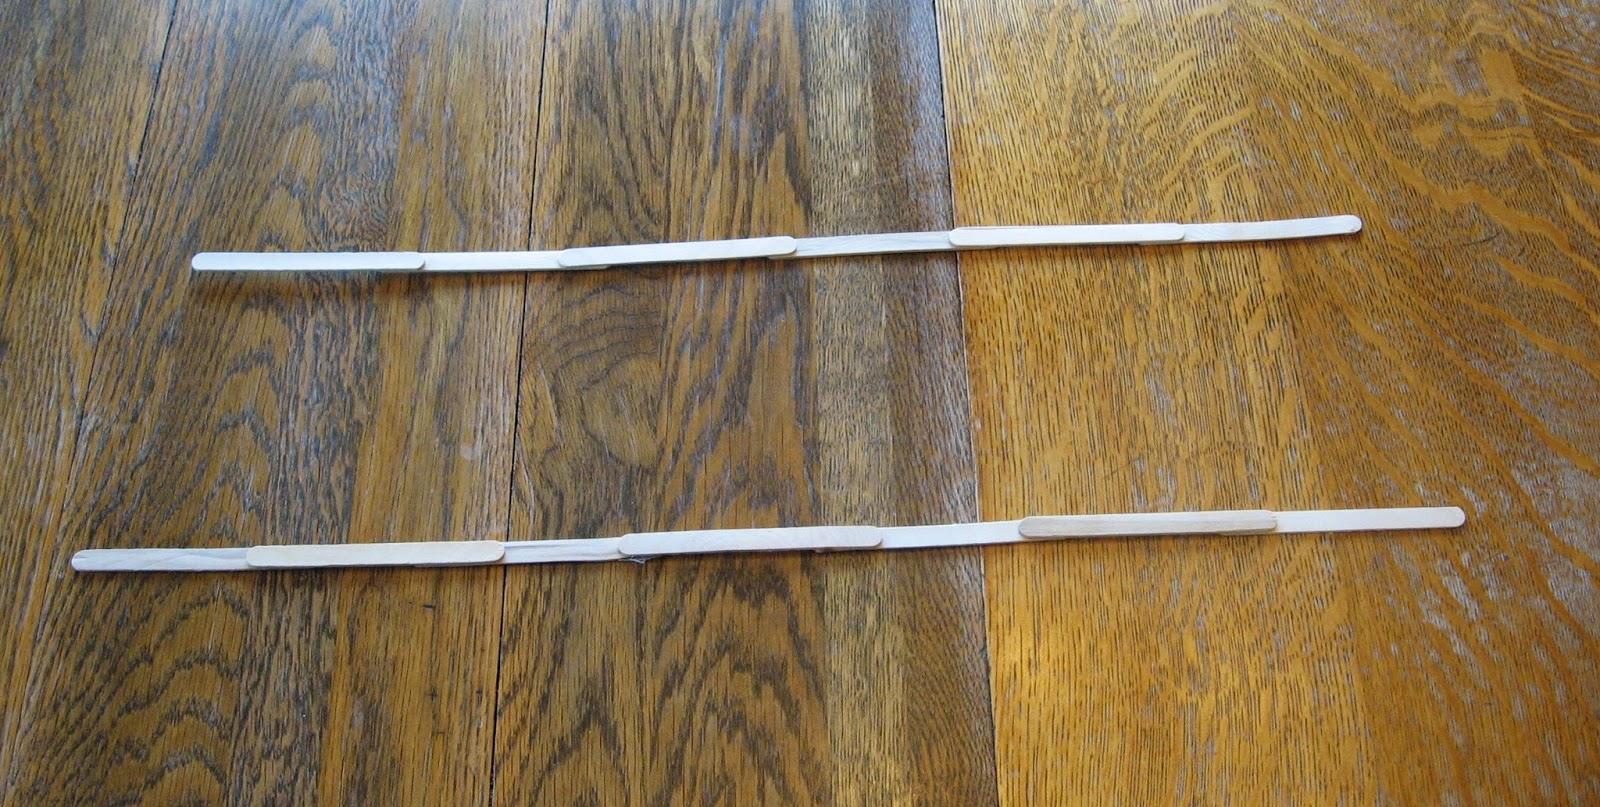 Long wooden craft sticks - 30 58cm Long Sticks And 35 62cm Long Sticks